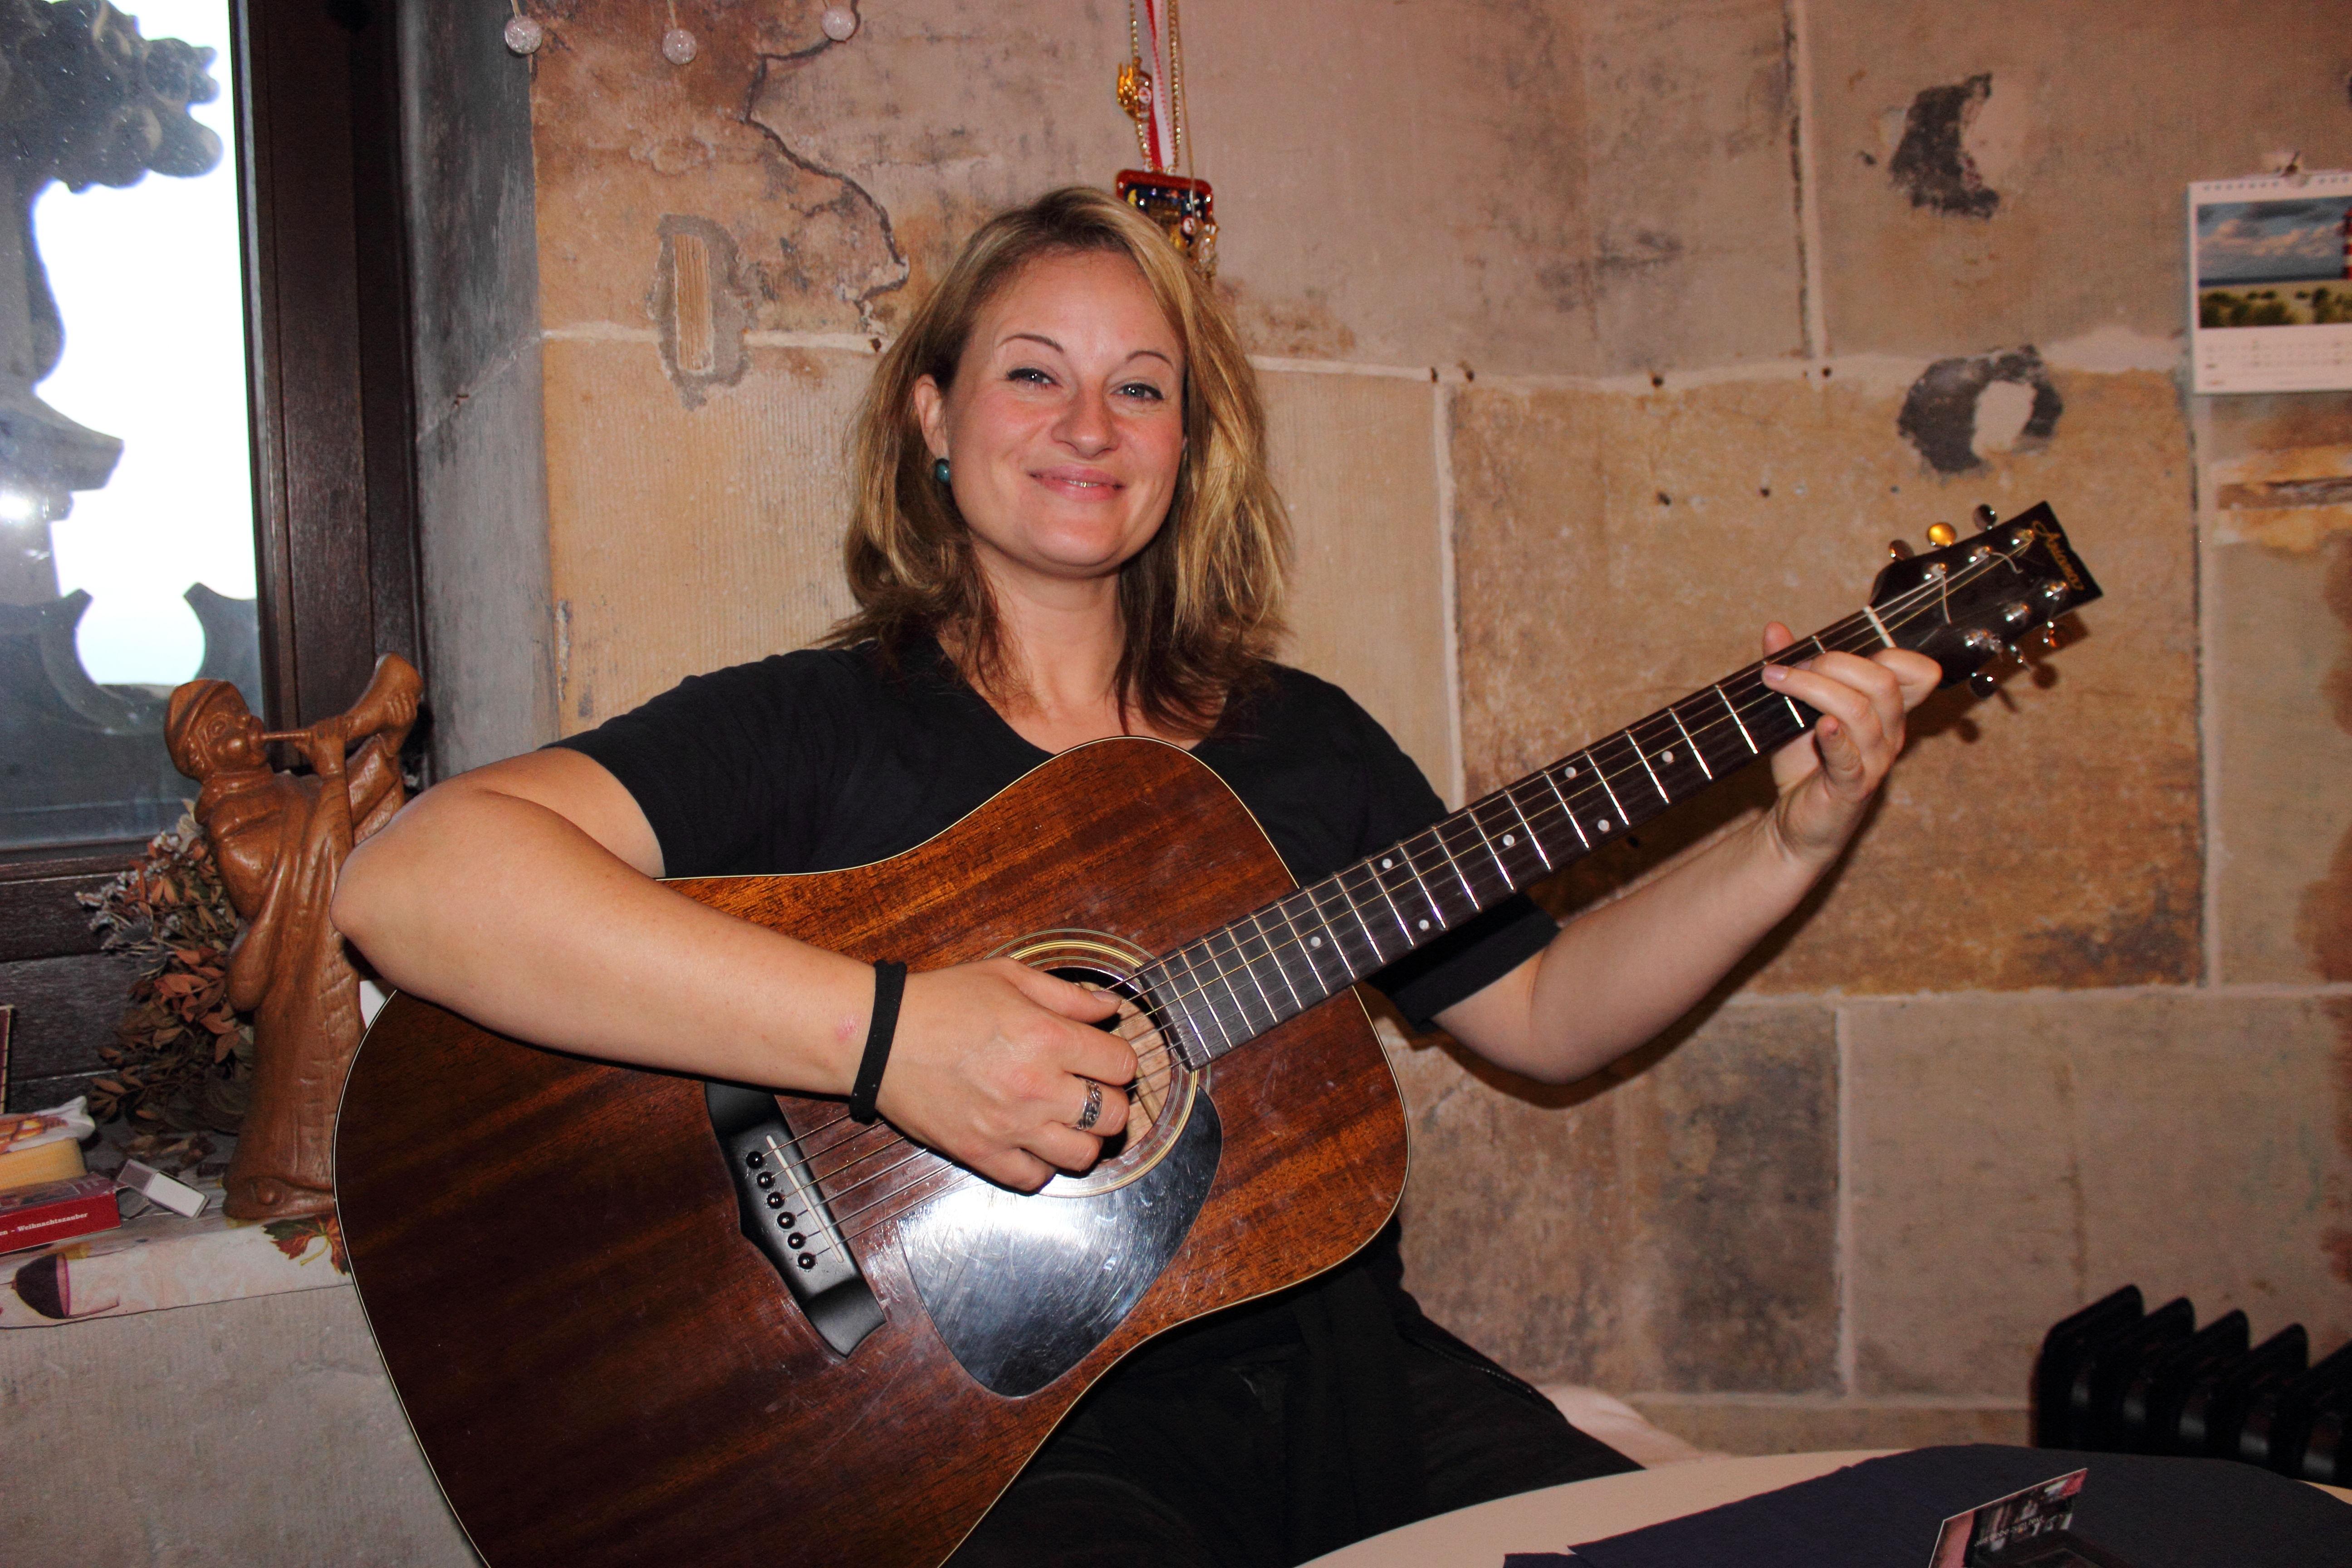 Türmerin von Münster Martje Saljé Gitarre